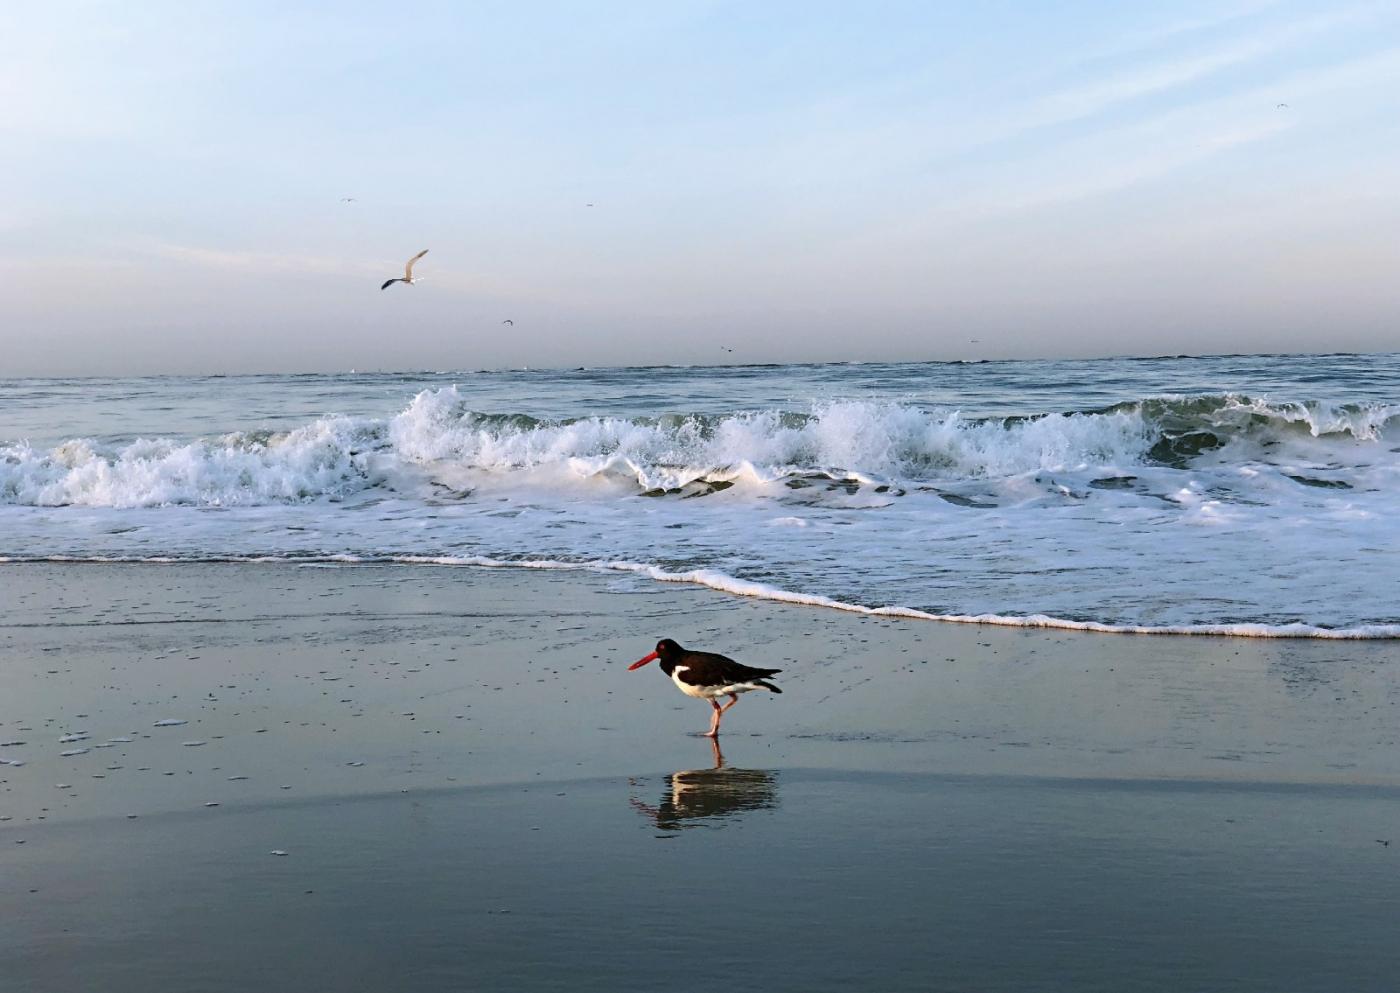 【田螺摄影】月未落日刚升的长滩画面_图1-8